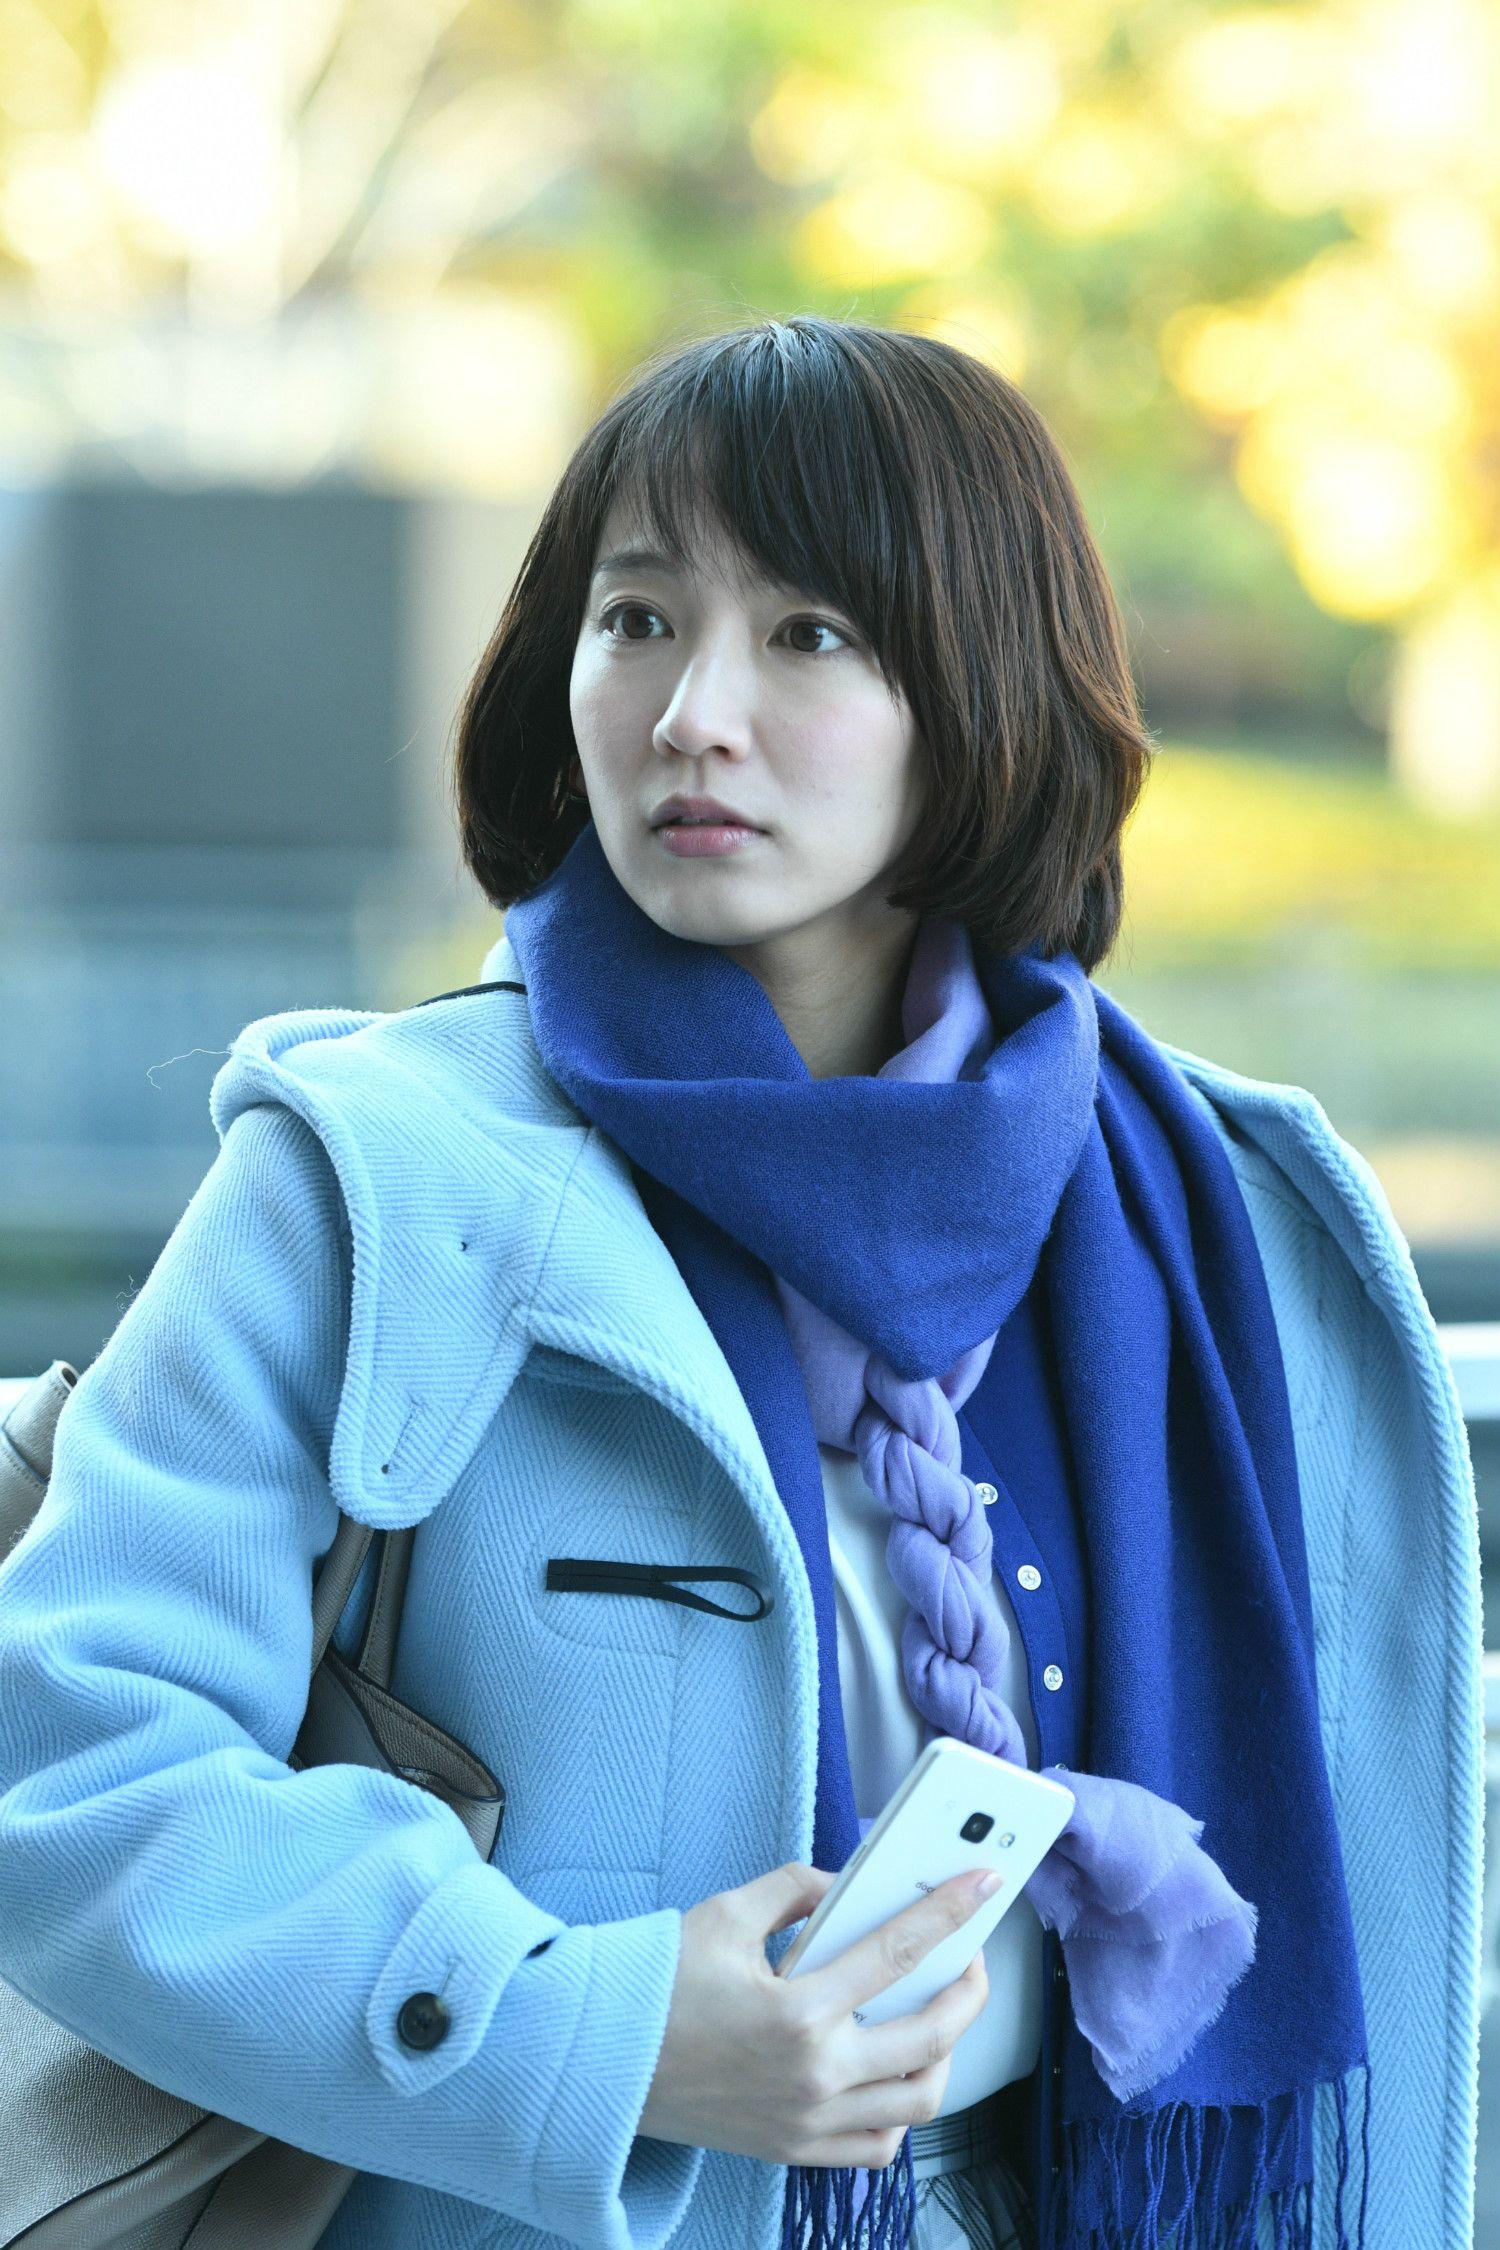 初主演ドラマ『きみが心に棲みついた』の1シーン TBS系で1月16日スタート